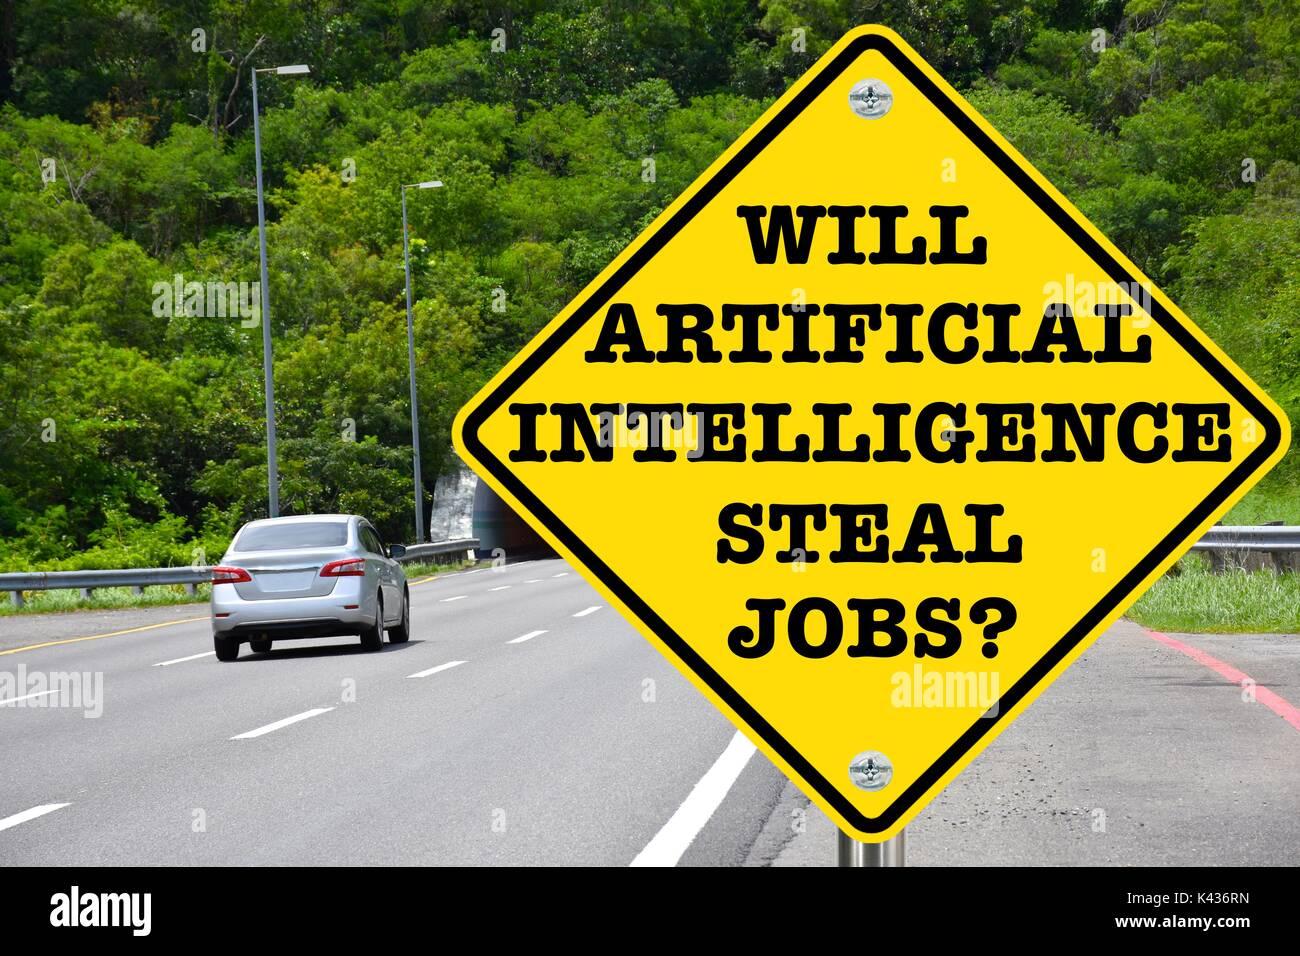 Sarà l'intelligenza artificiale di rubare posti di lavoro? Avviso di colore giallo cartello stradale Foto Stock